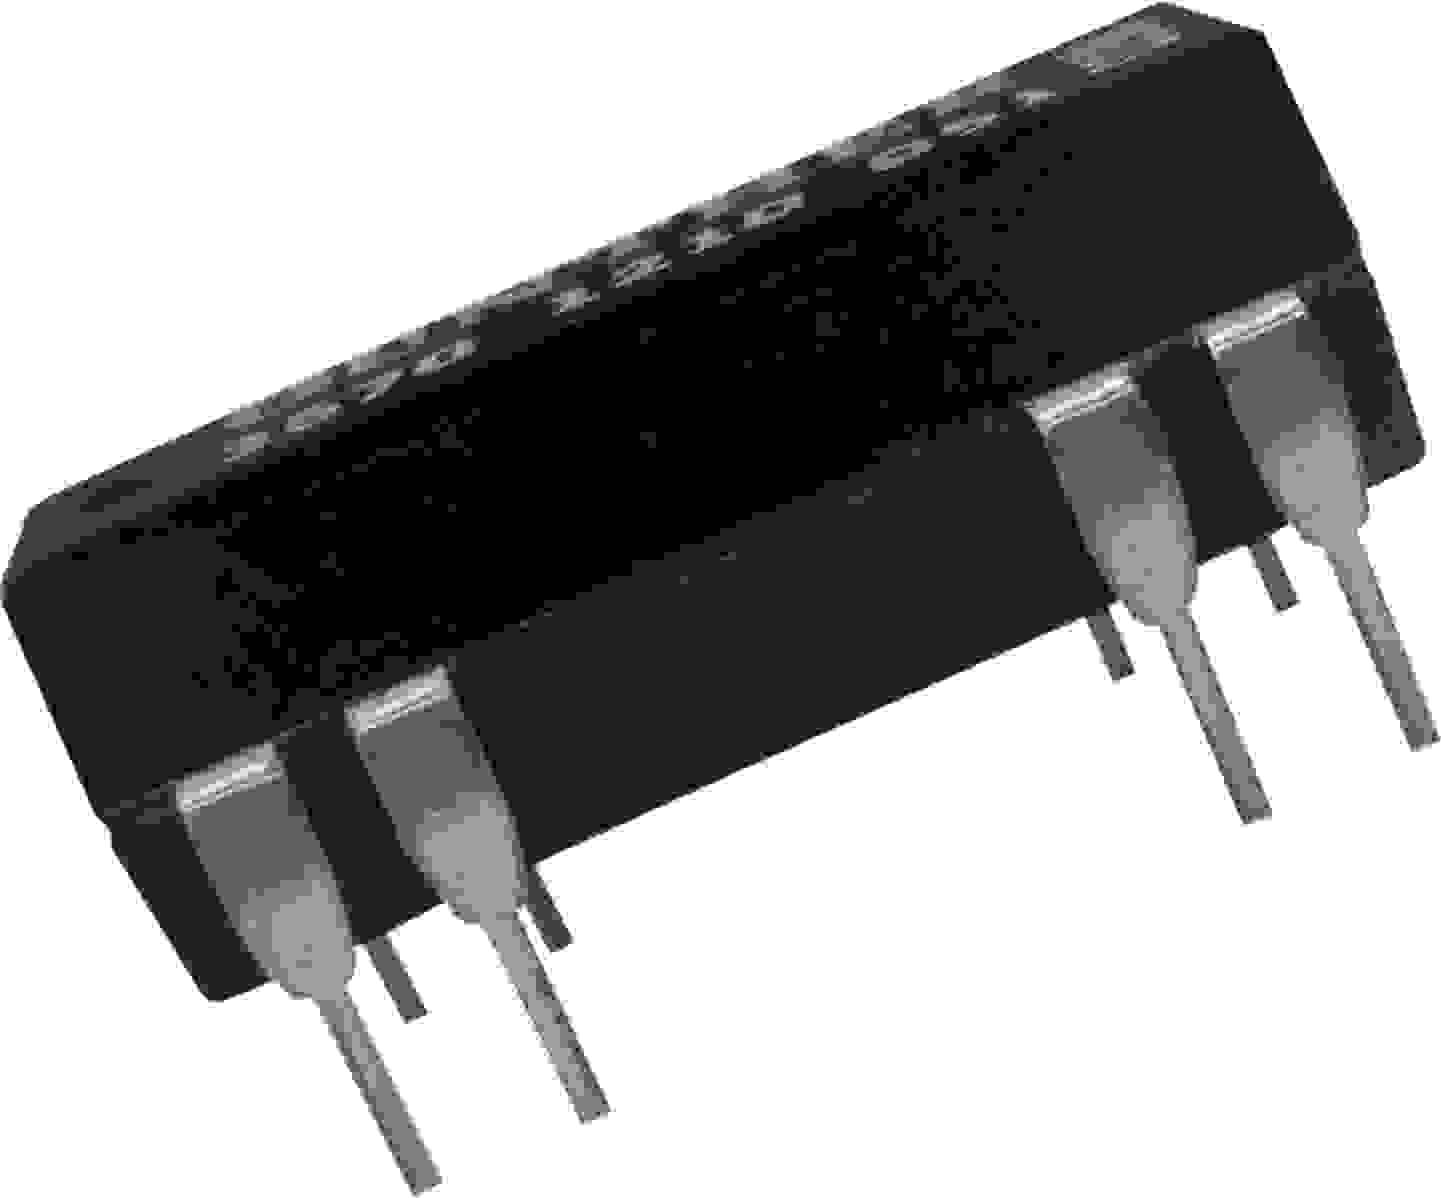 Relais für 5 V/DC mit einer Betriebstemperatur von -20 bis 85 °C